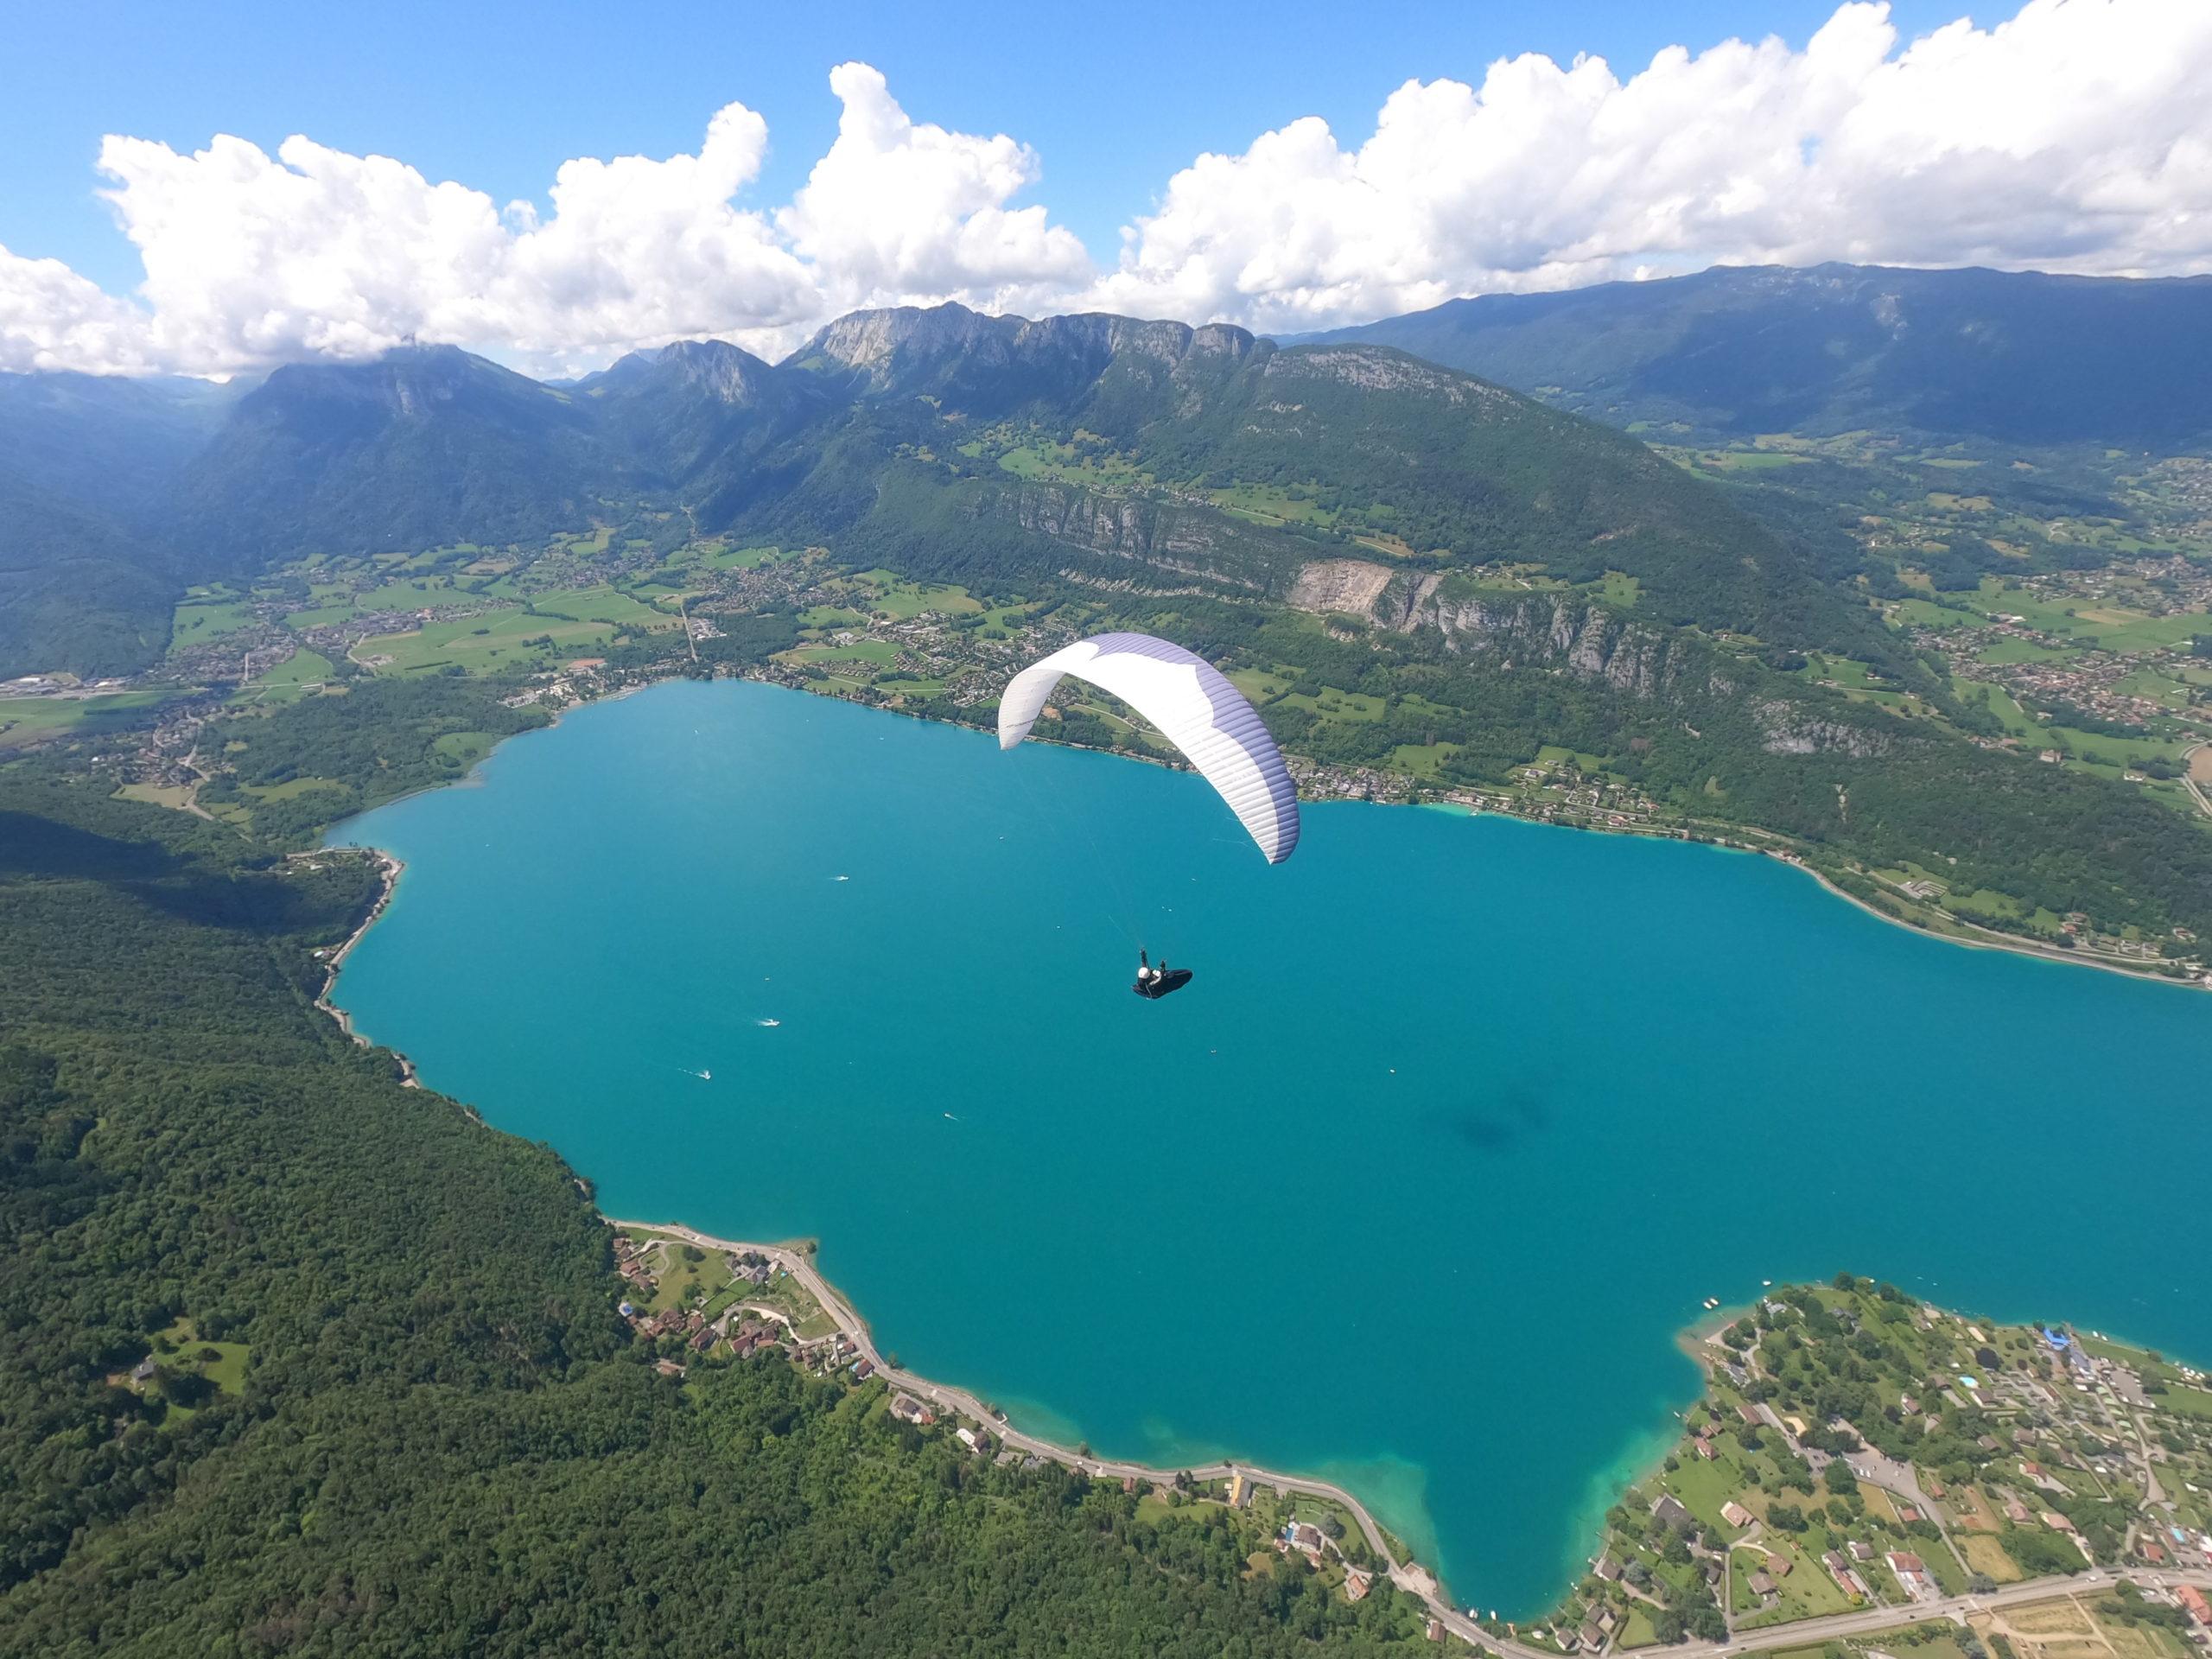 alpsfreeride paragliding gleitschirm parapente annecy